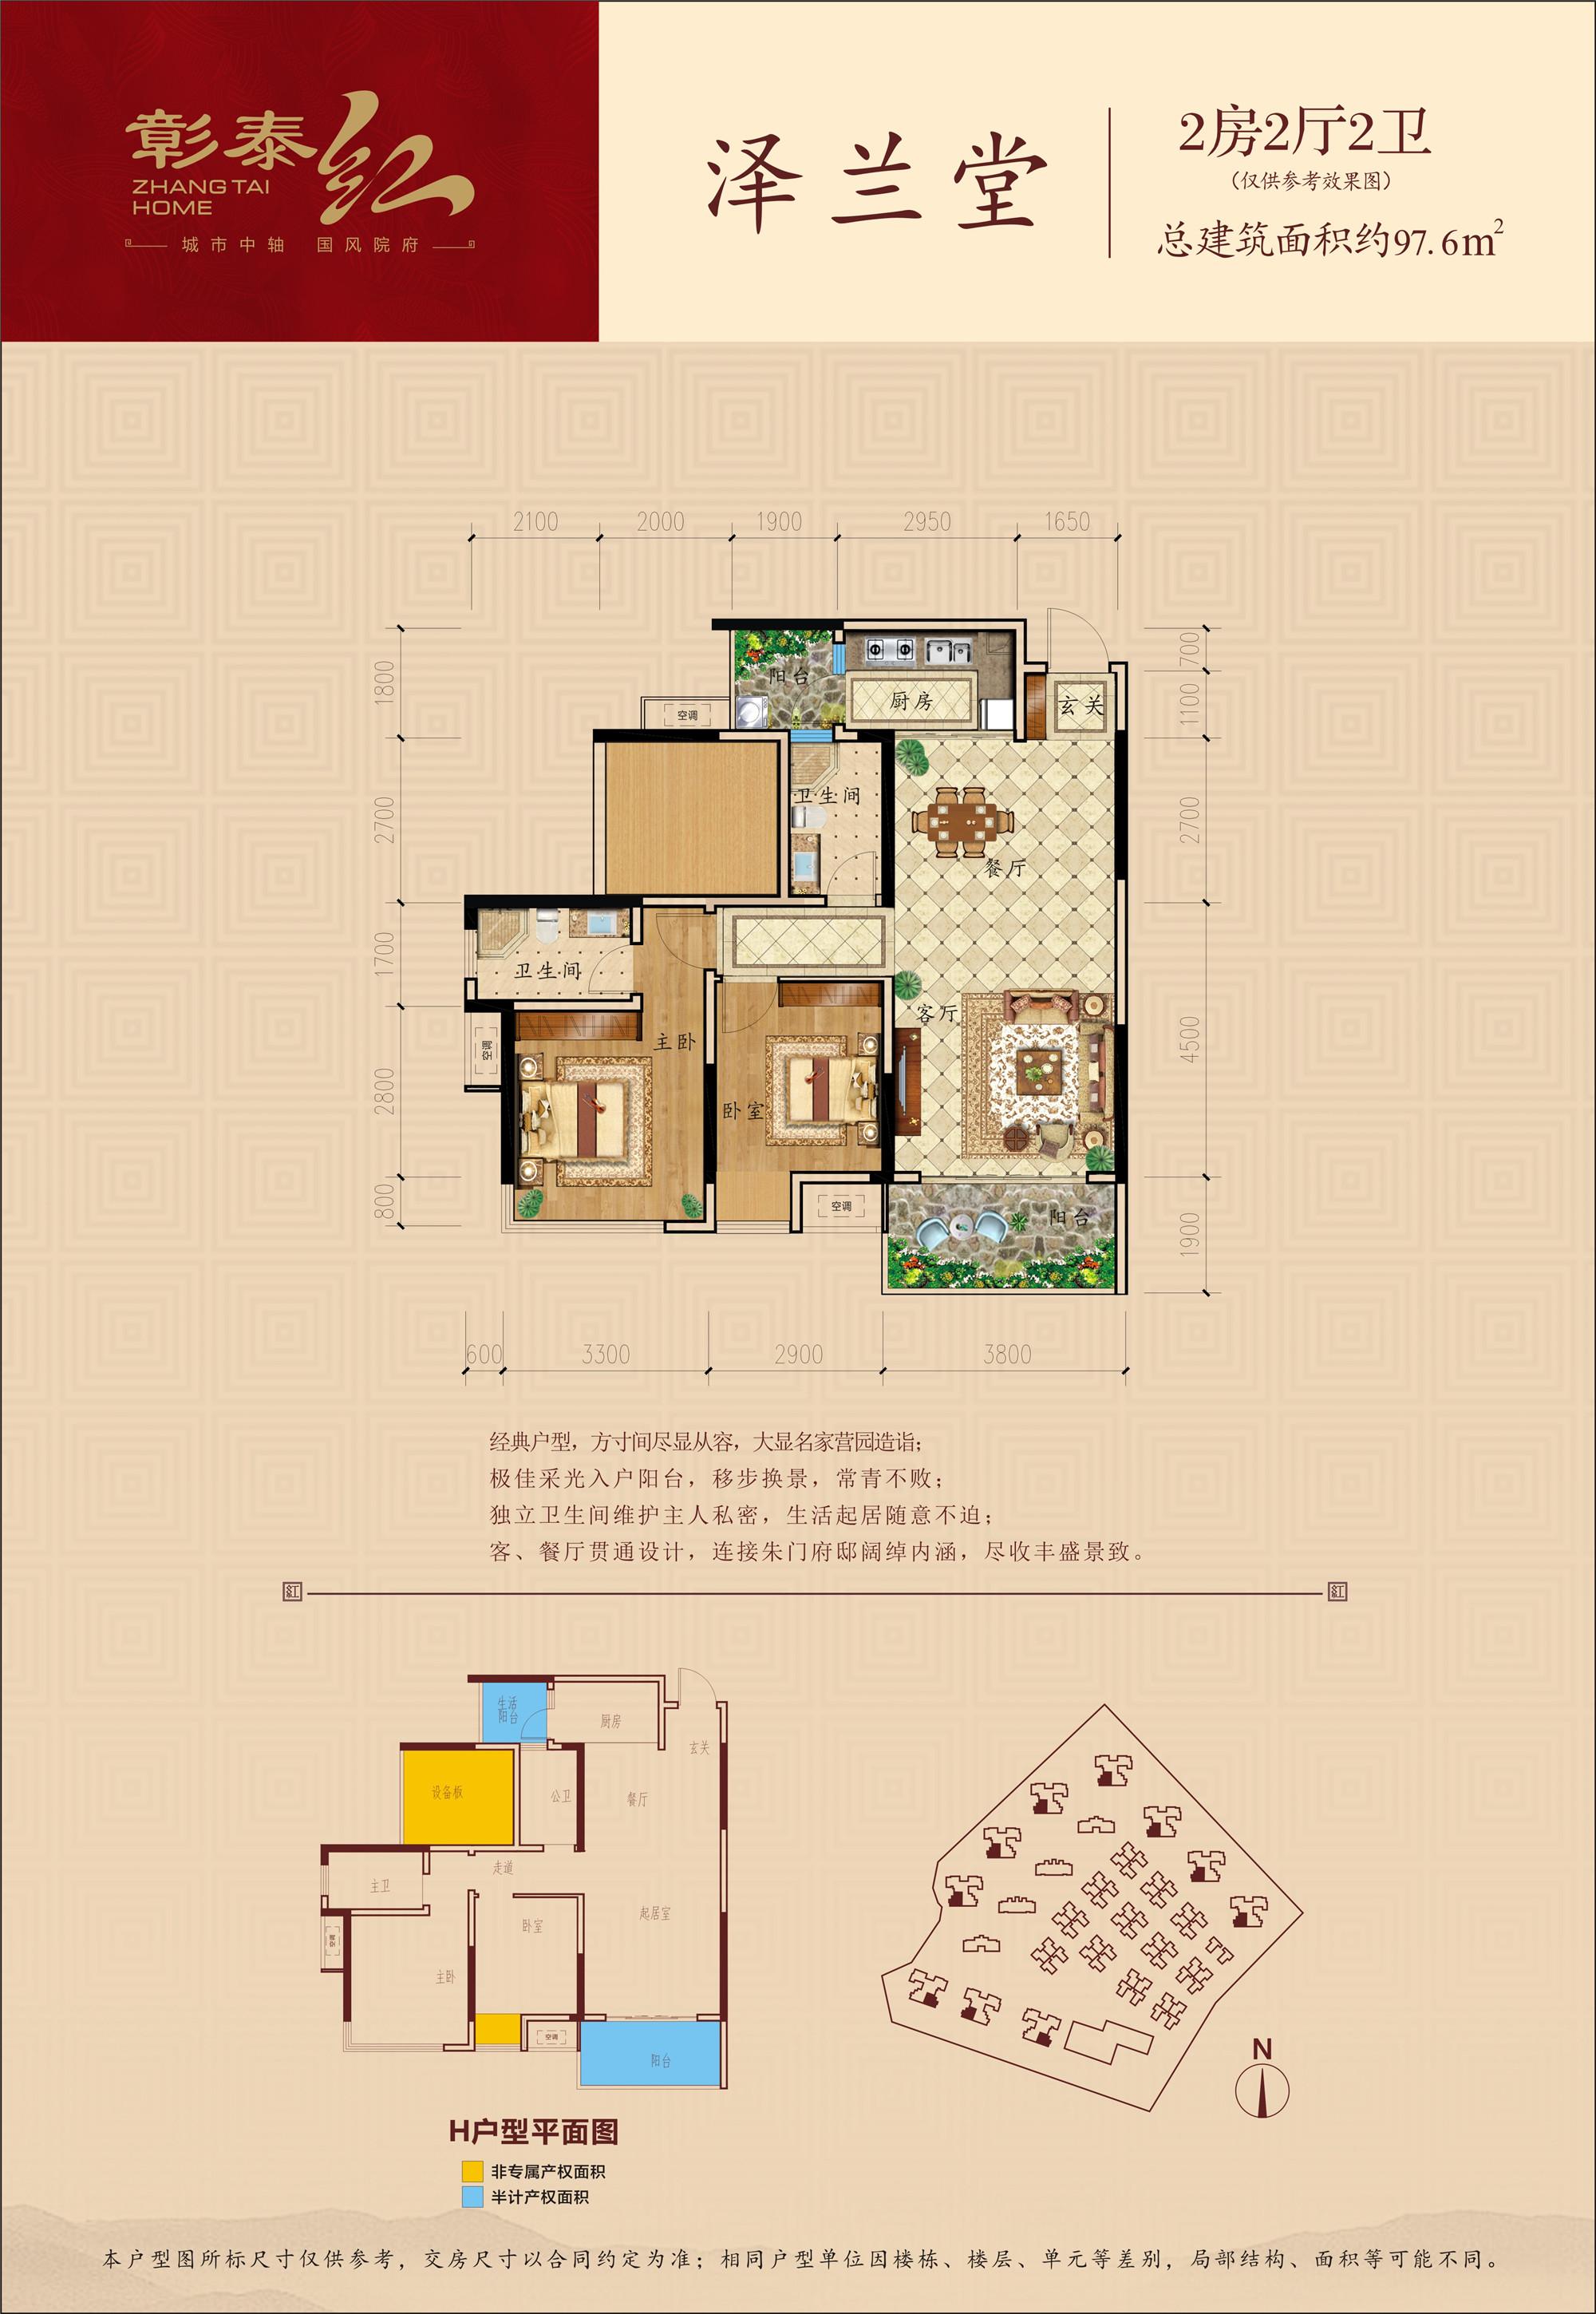 0521-H高层户型图